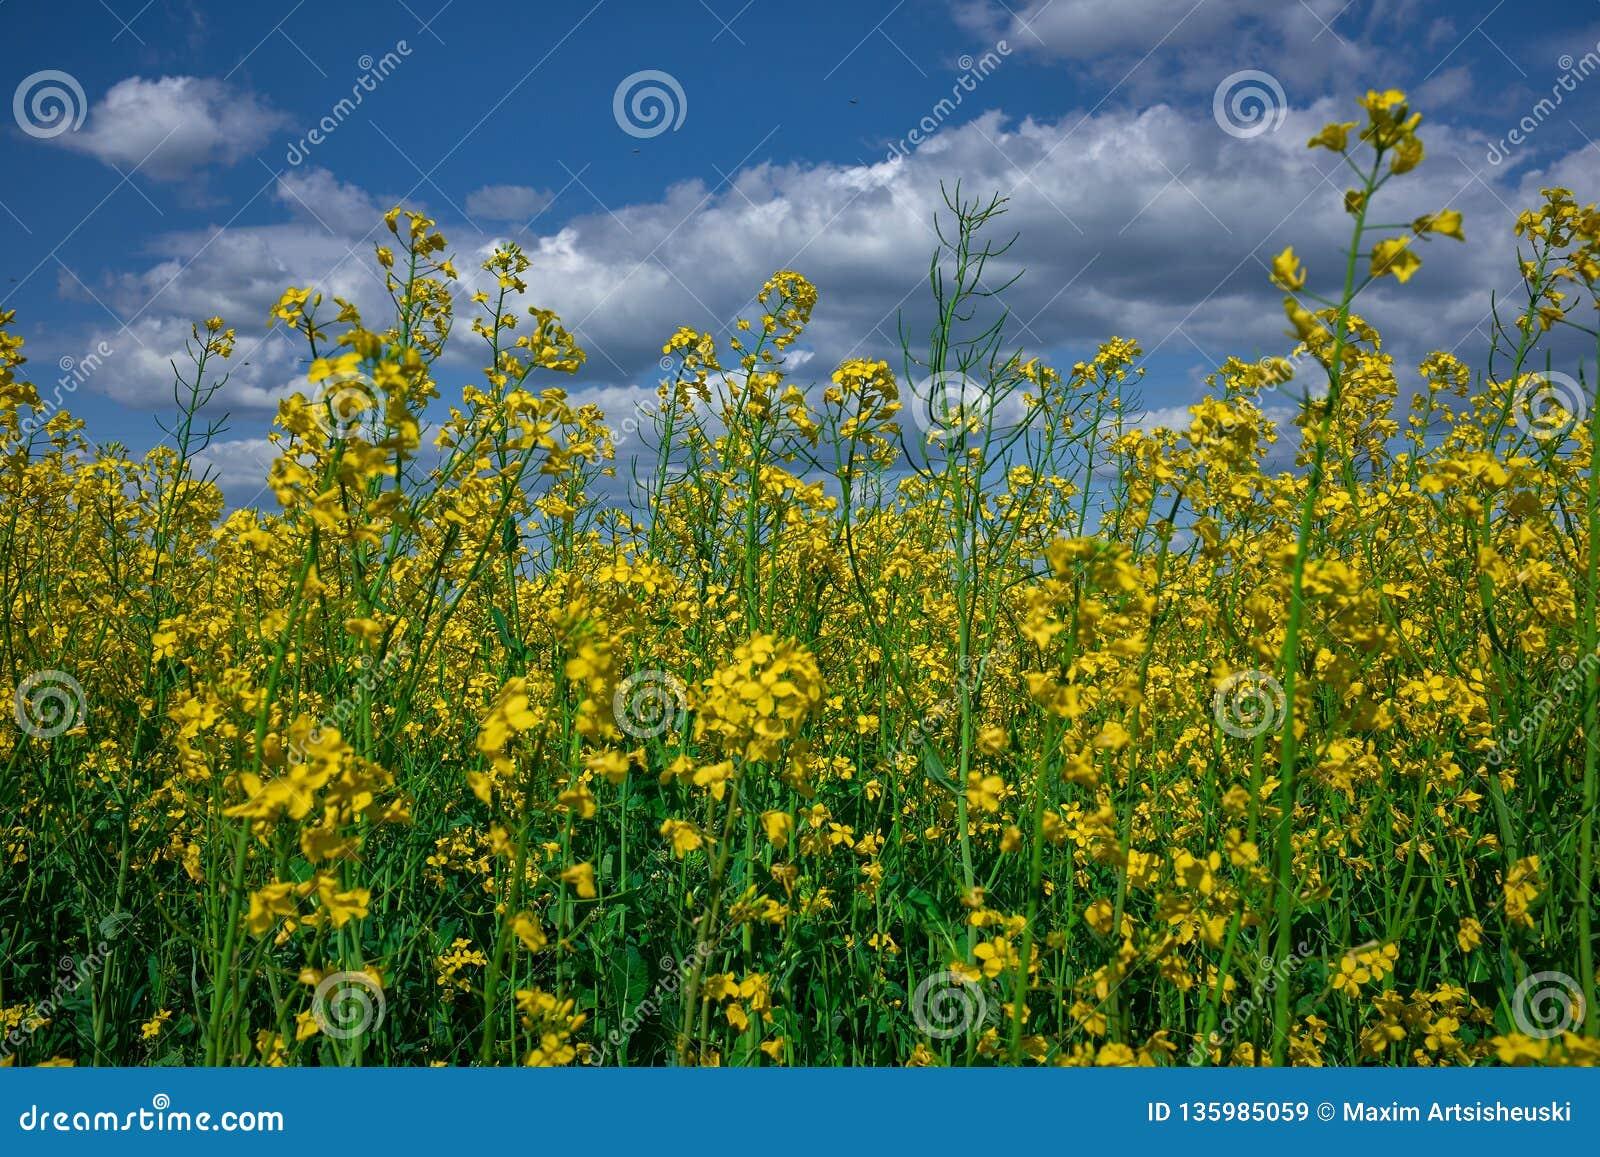 Flores da colza em um campo sob o céu azul nebuloso